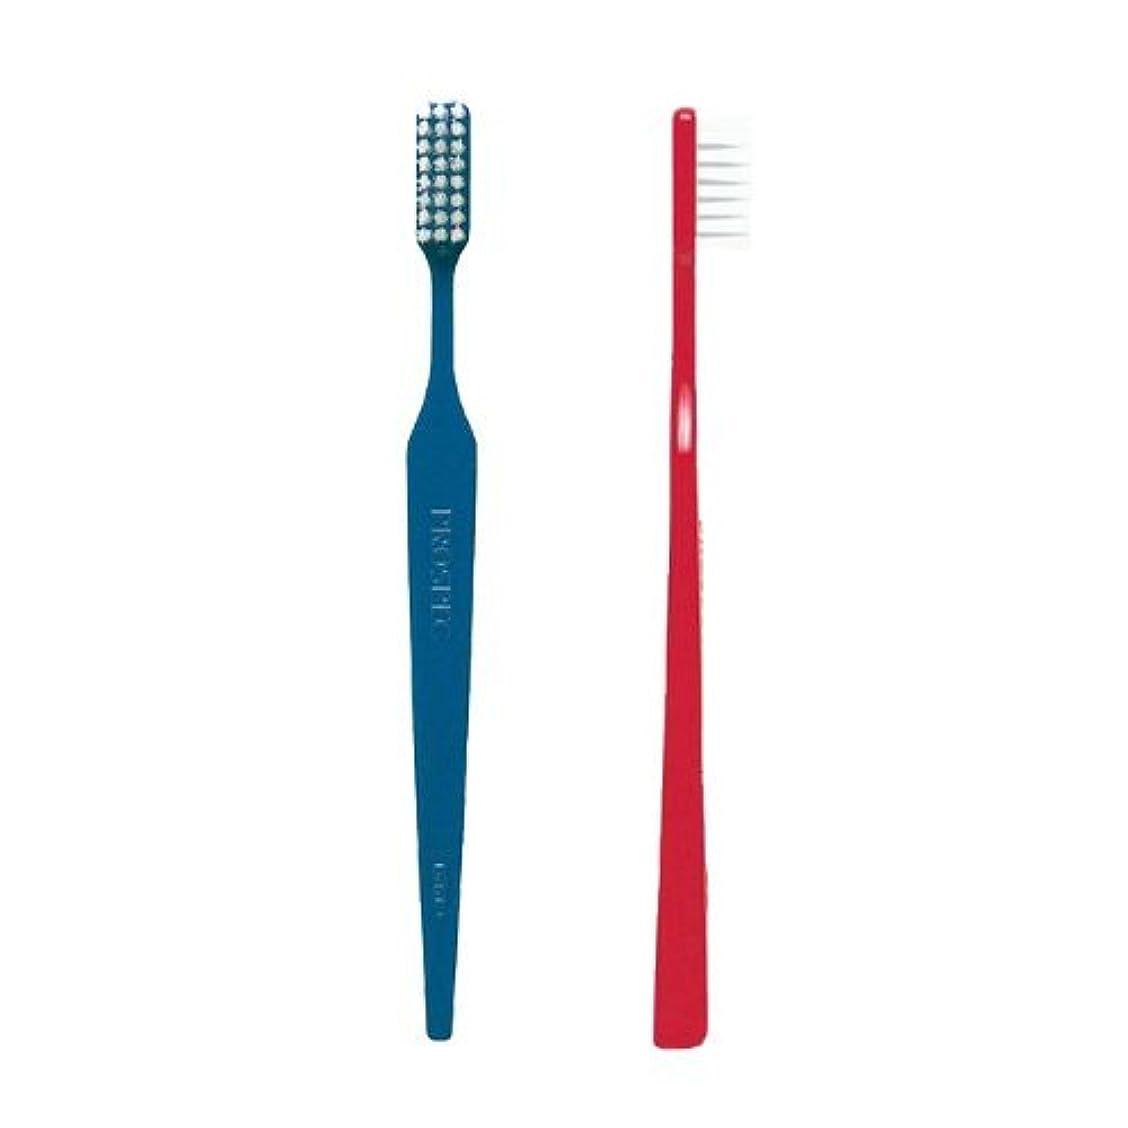 オーチャード排泄物スプーンジーシー(GC)プロスペック歯ブラシ アダルト 1本 (H(かため), おまかせ)